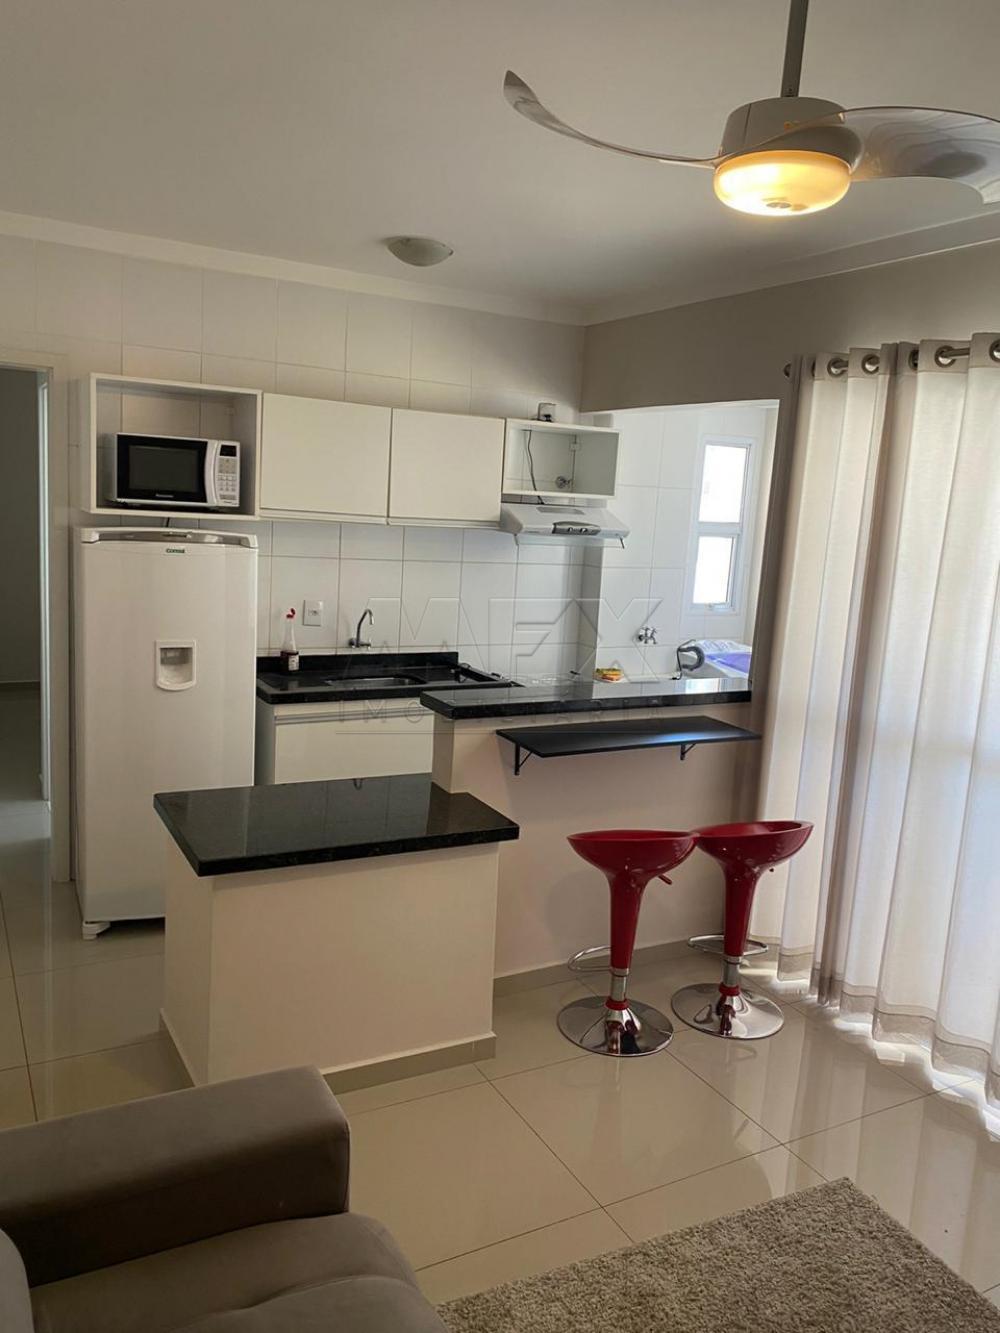 Alugar Apartamento / Padrão em Bauru apenas R$ 1.300,00 - Foto 5